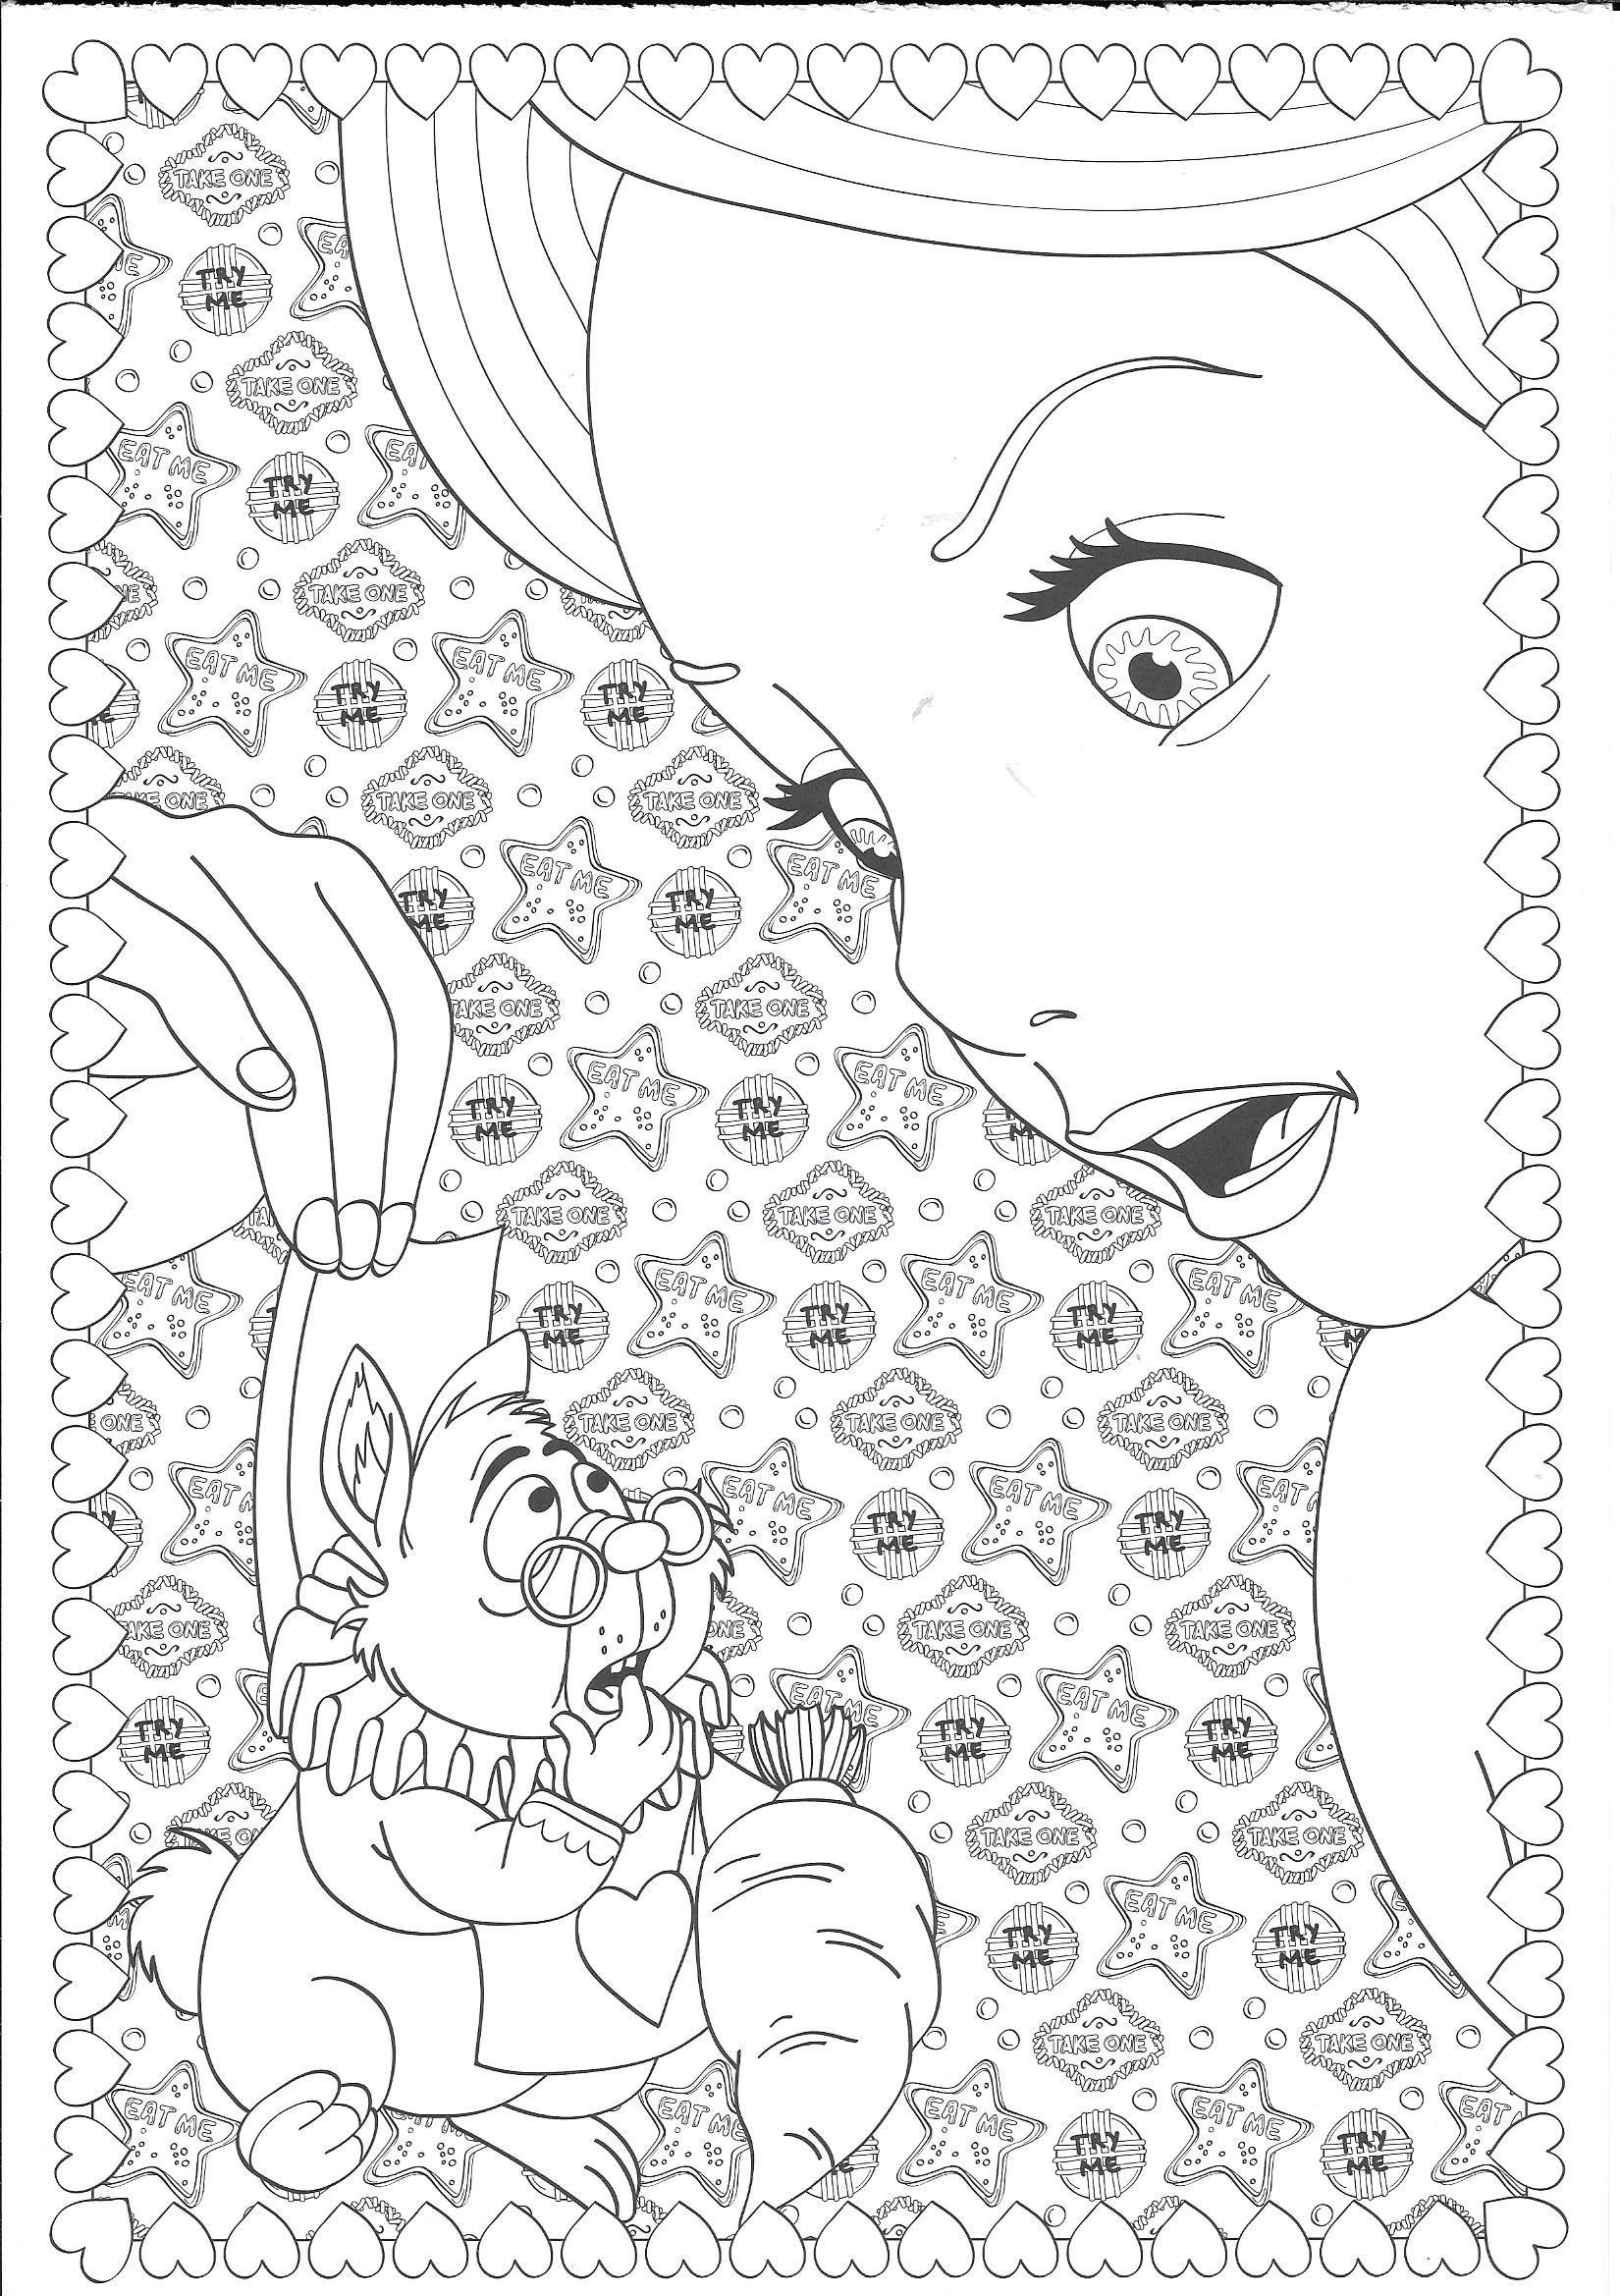 30 Disney Alice in Wonderland Coloring Pages Disney ideas  alice